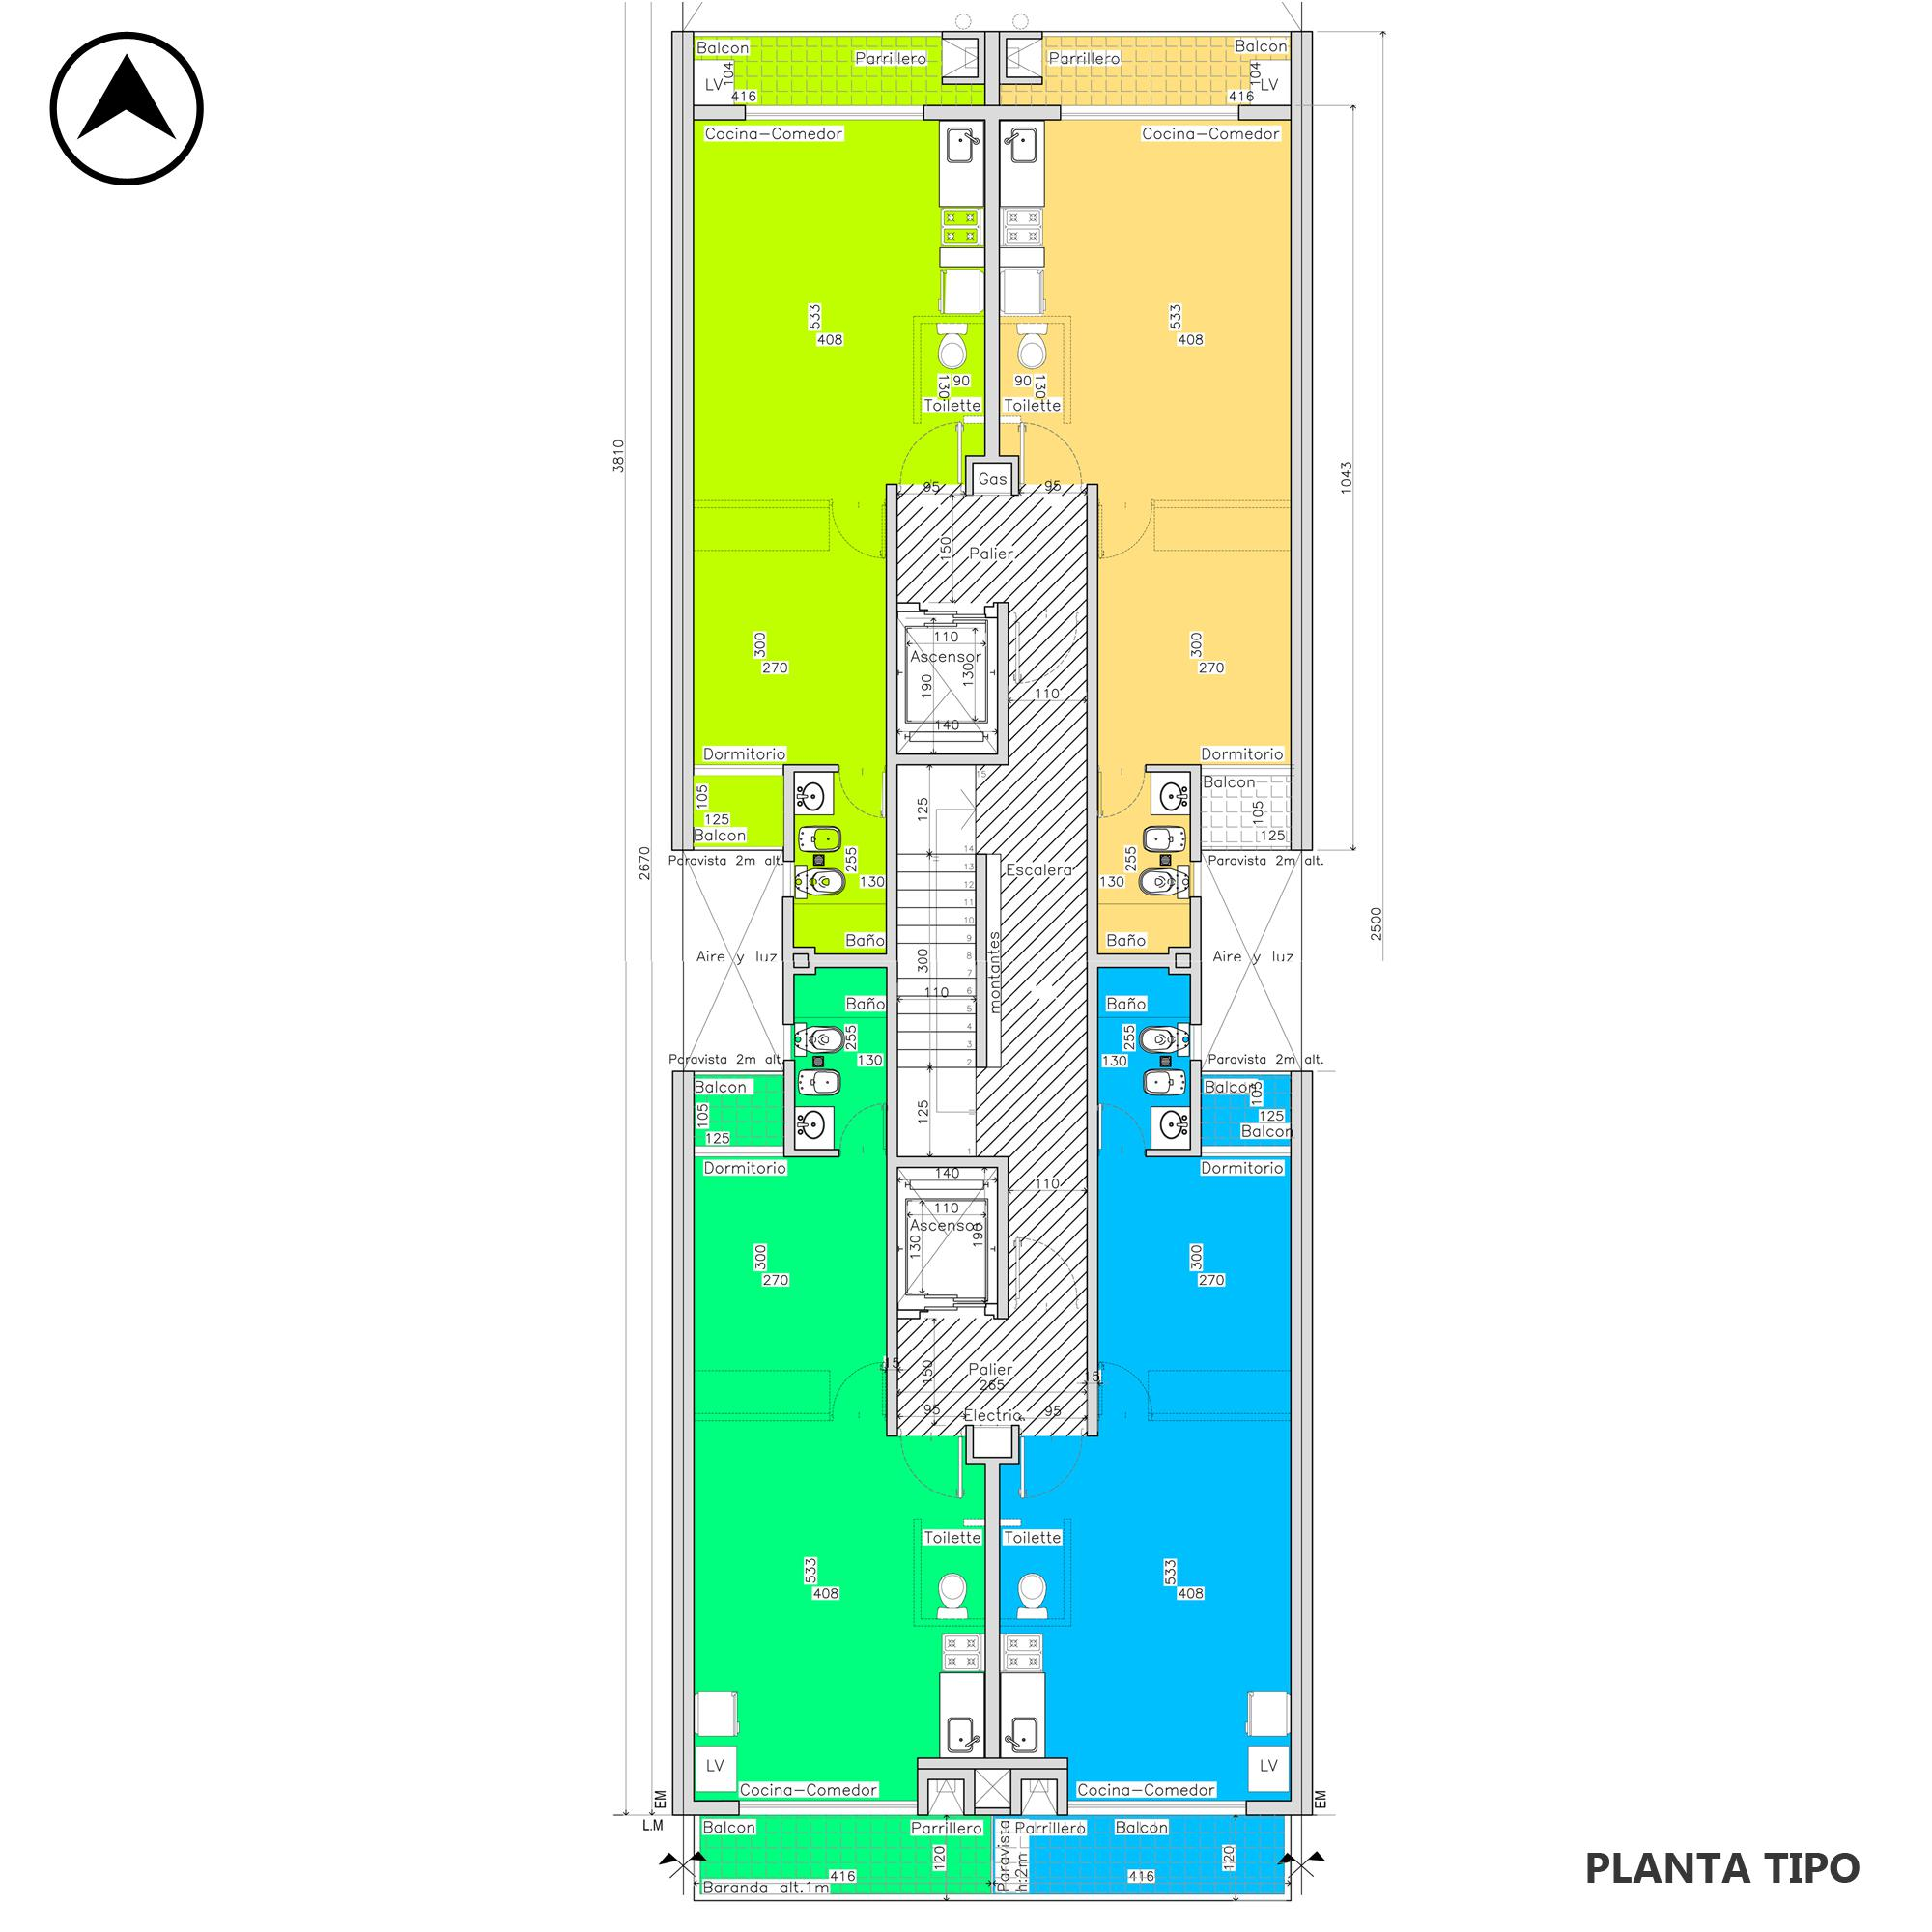 Venta departamento 1 dormitorio Rosario, Centro. Cod CBU20273 AP2006531. Crestale Propiedades